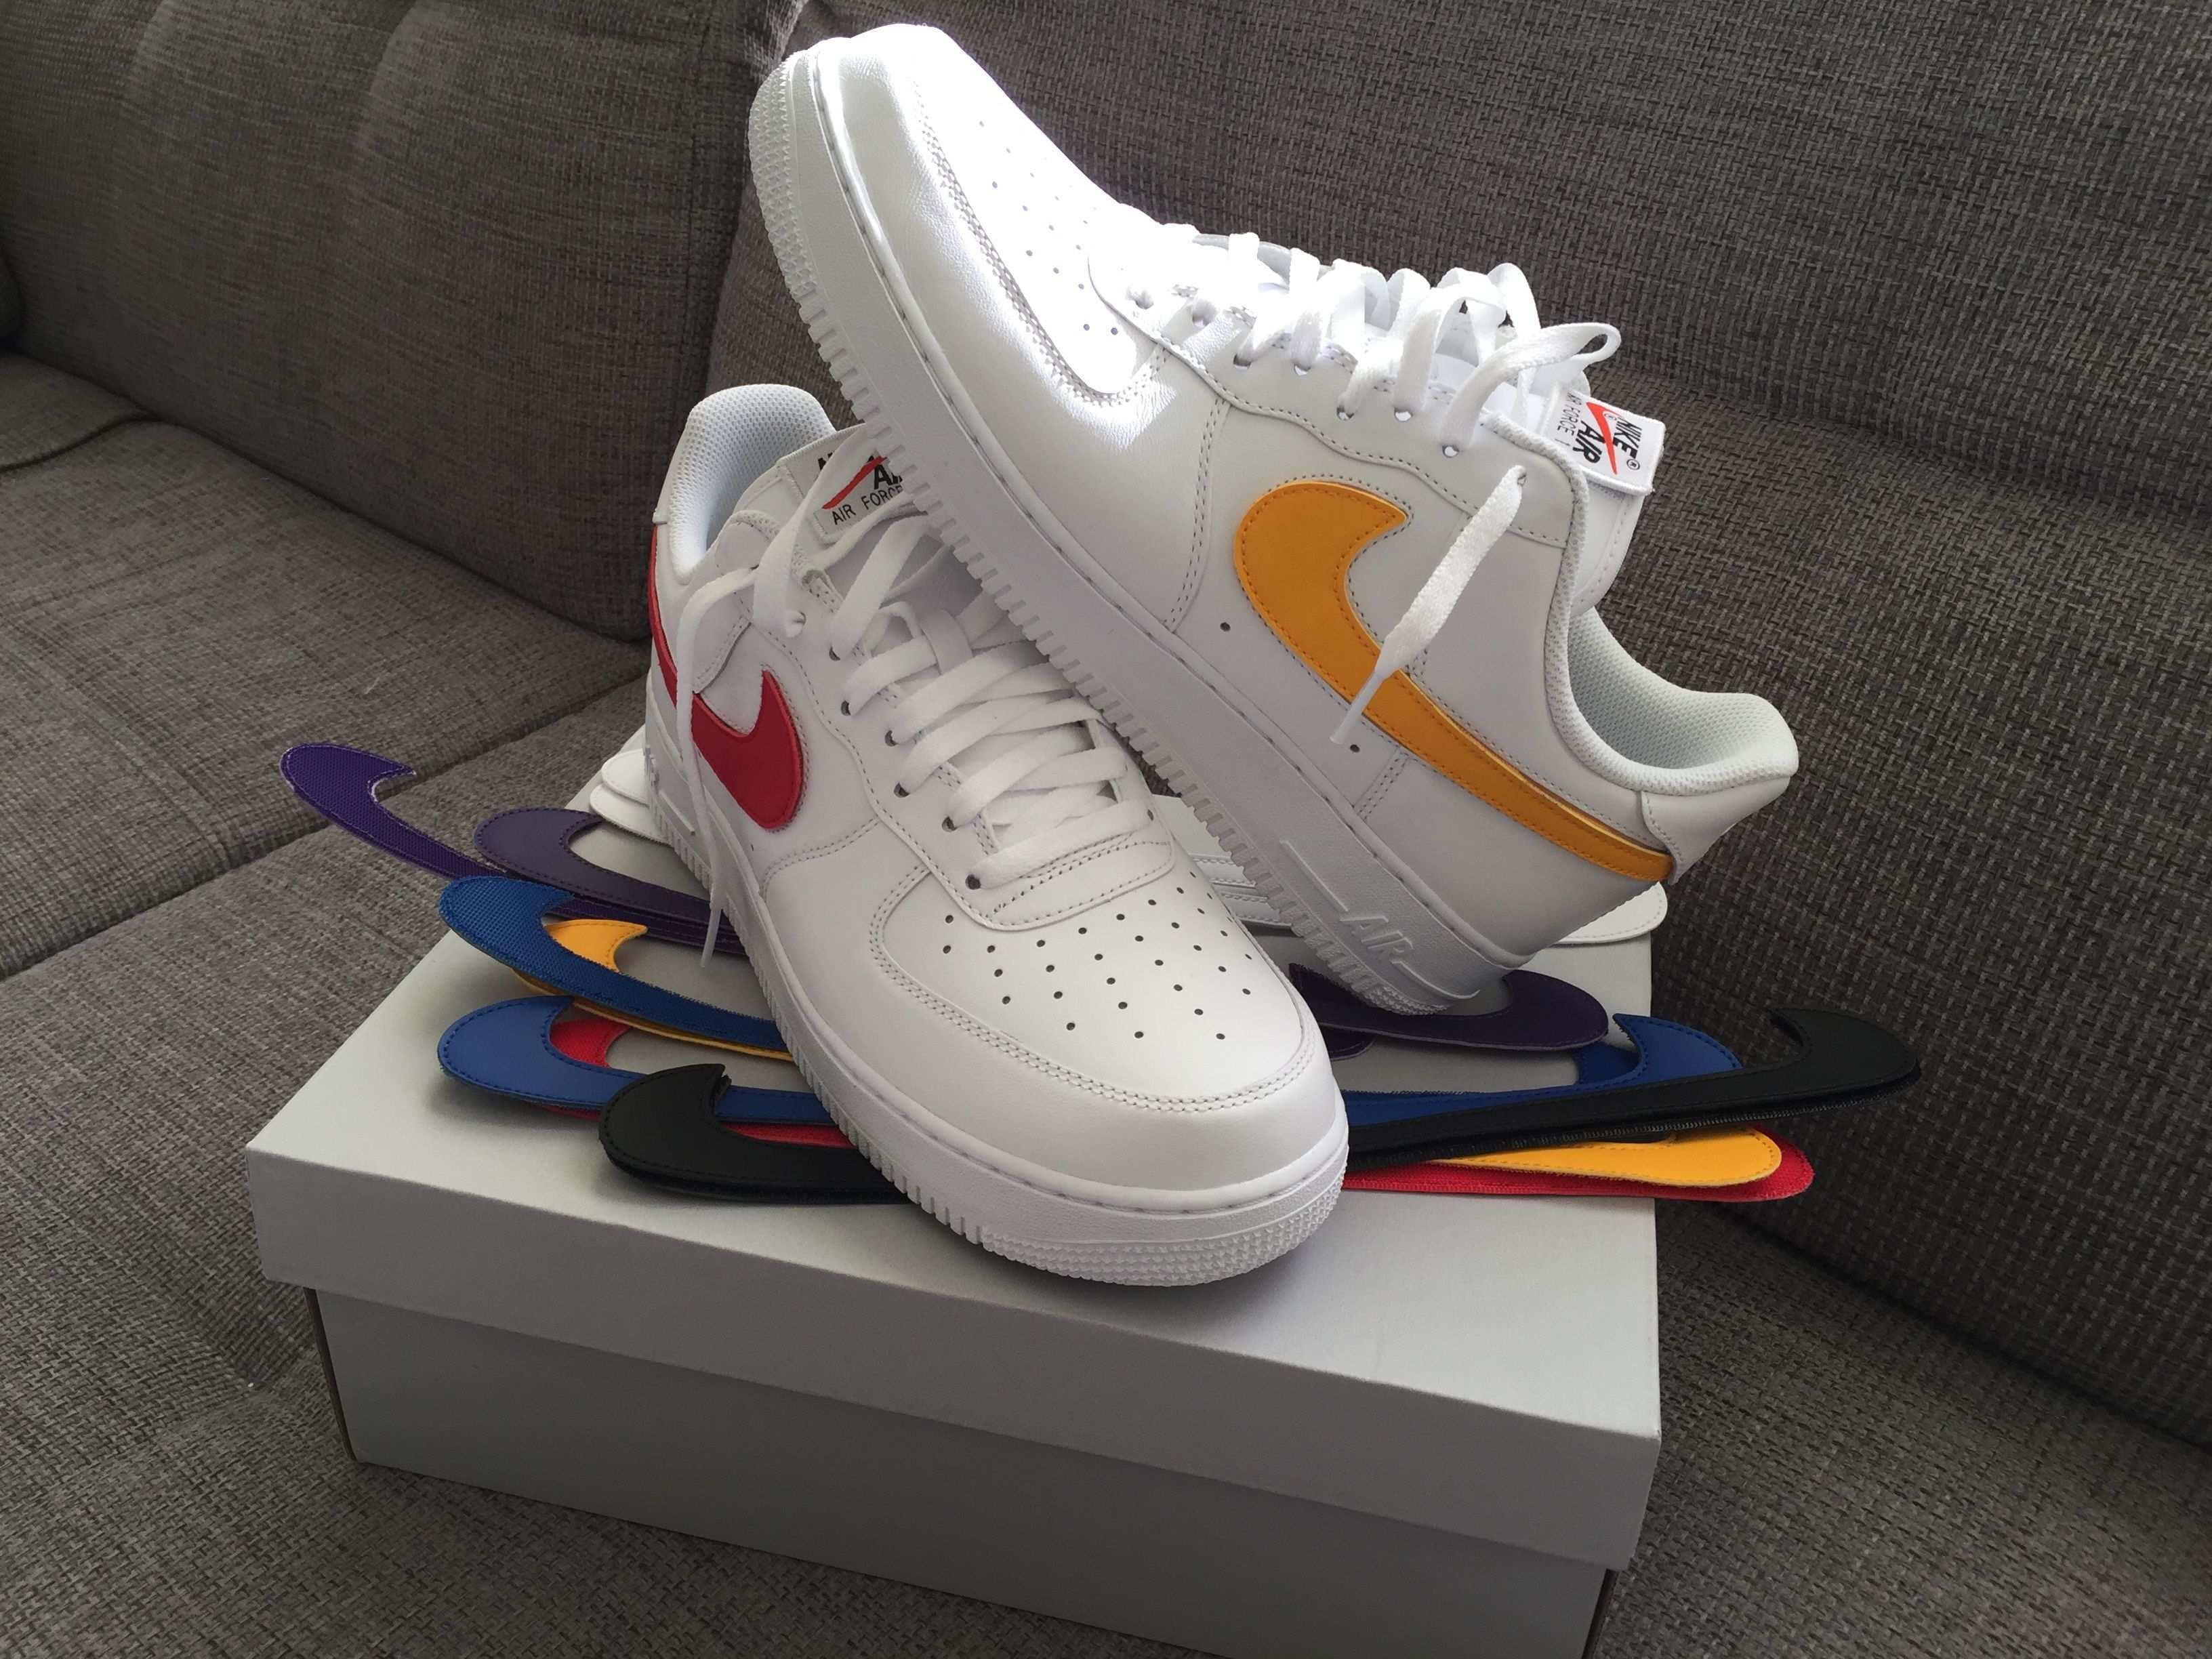 Nike Airforce1 Swooshpack Turnschuhe Nike Nike Basketball Schuhe Nike Air Force Ones